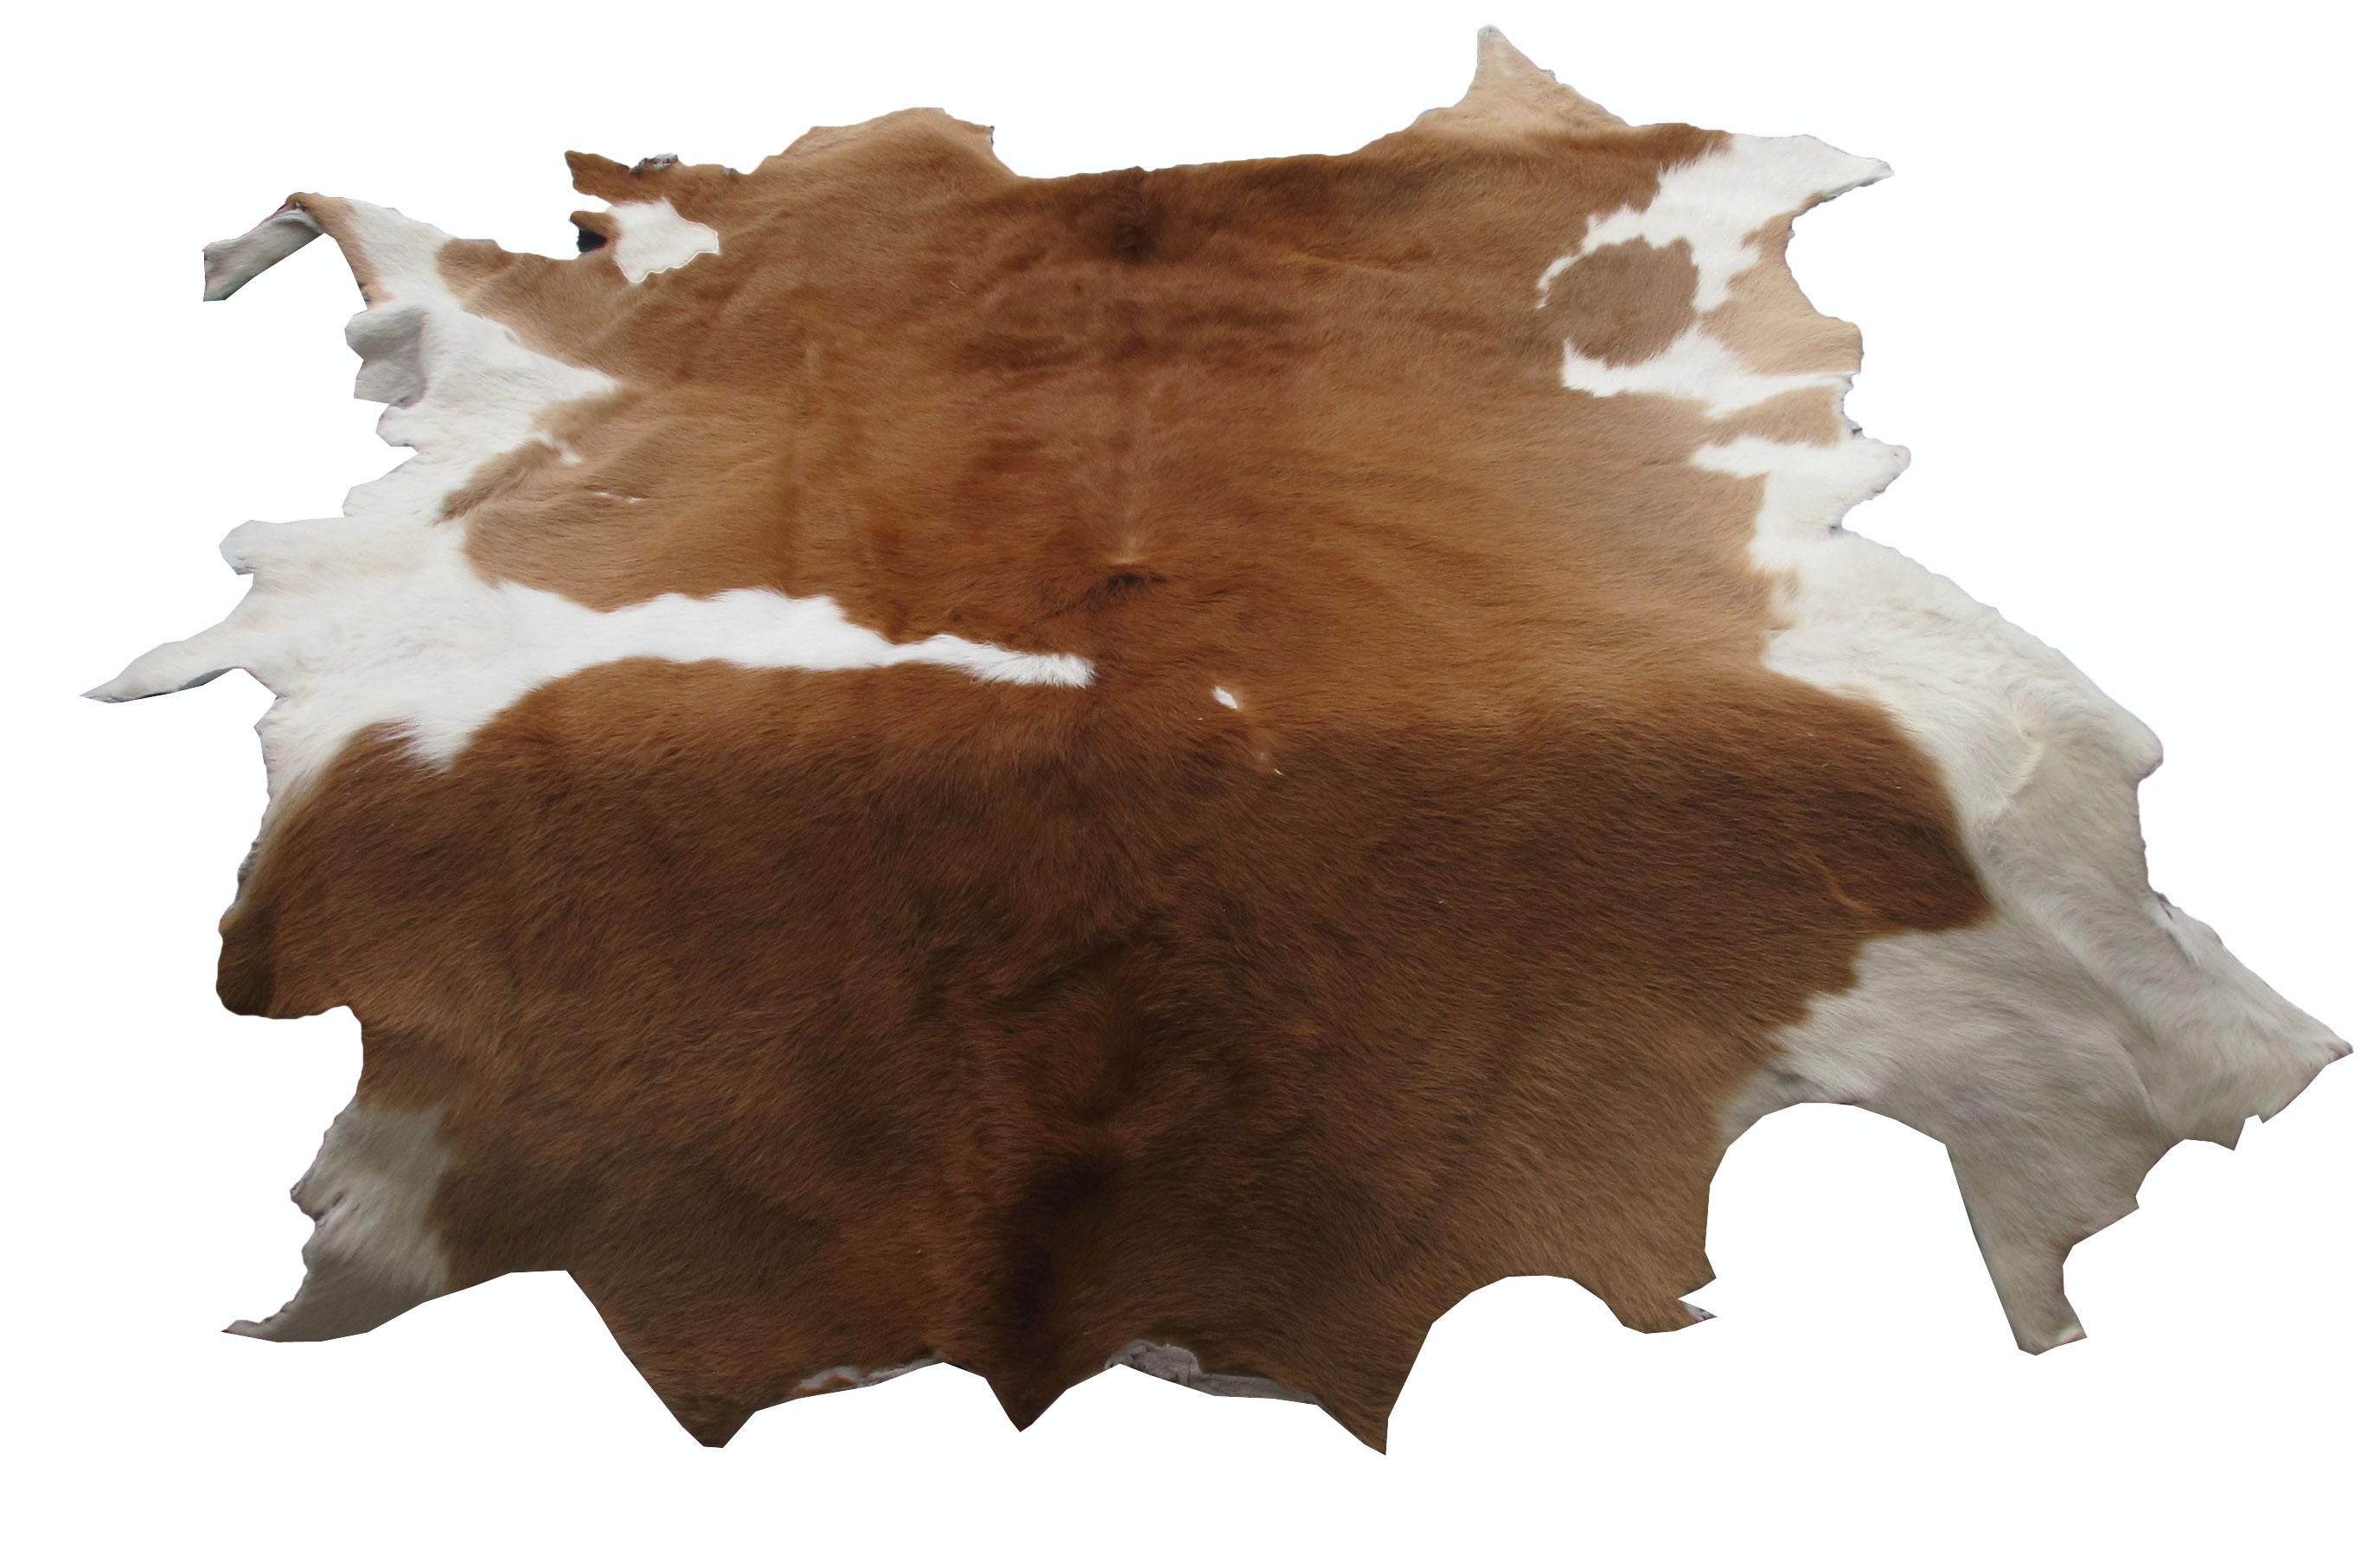 หนังแท้ หนังขนลูกวัว ใช้สำหรับตกแต่งฝาผนังบ้าน หรือ ใช้เป็นผ้าปูโต๊ะแล้วเอากระจกทับ หรือ ผ้าคลุ่มเก้าอี้นั่ง สำเนา สำเนา สำเนา สำเนา สำเนา สำเนา สำเนา สำเนา